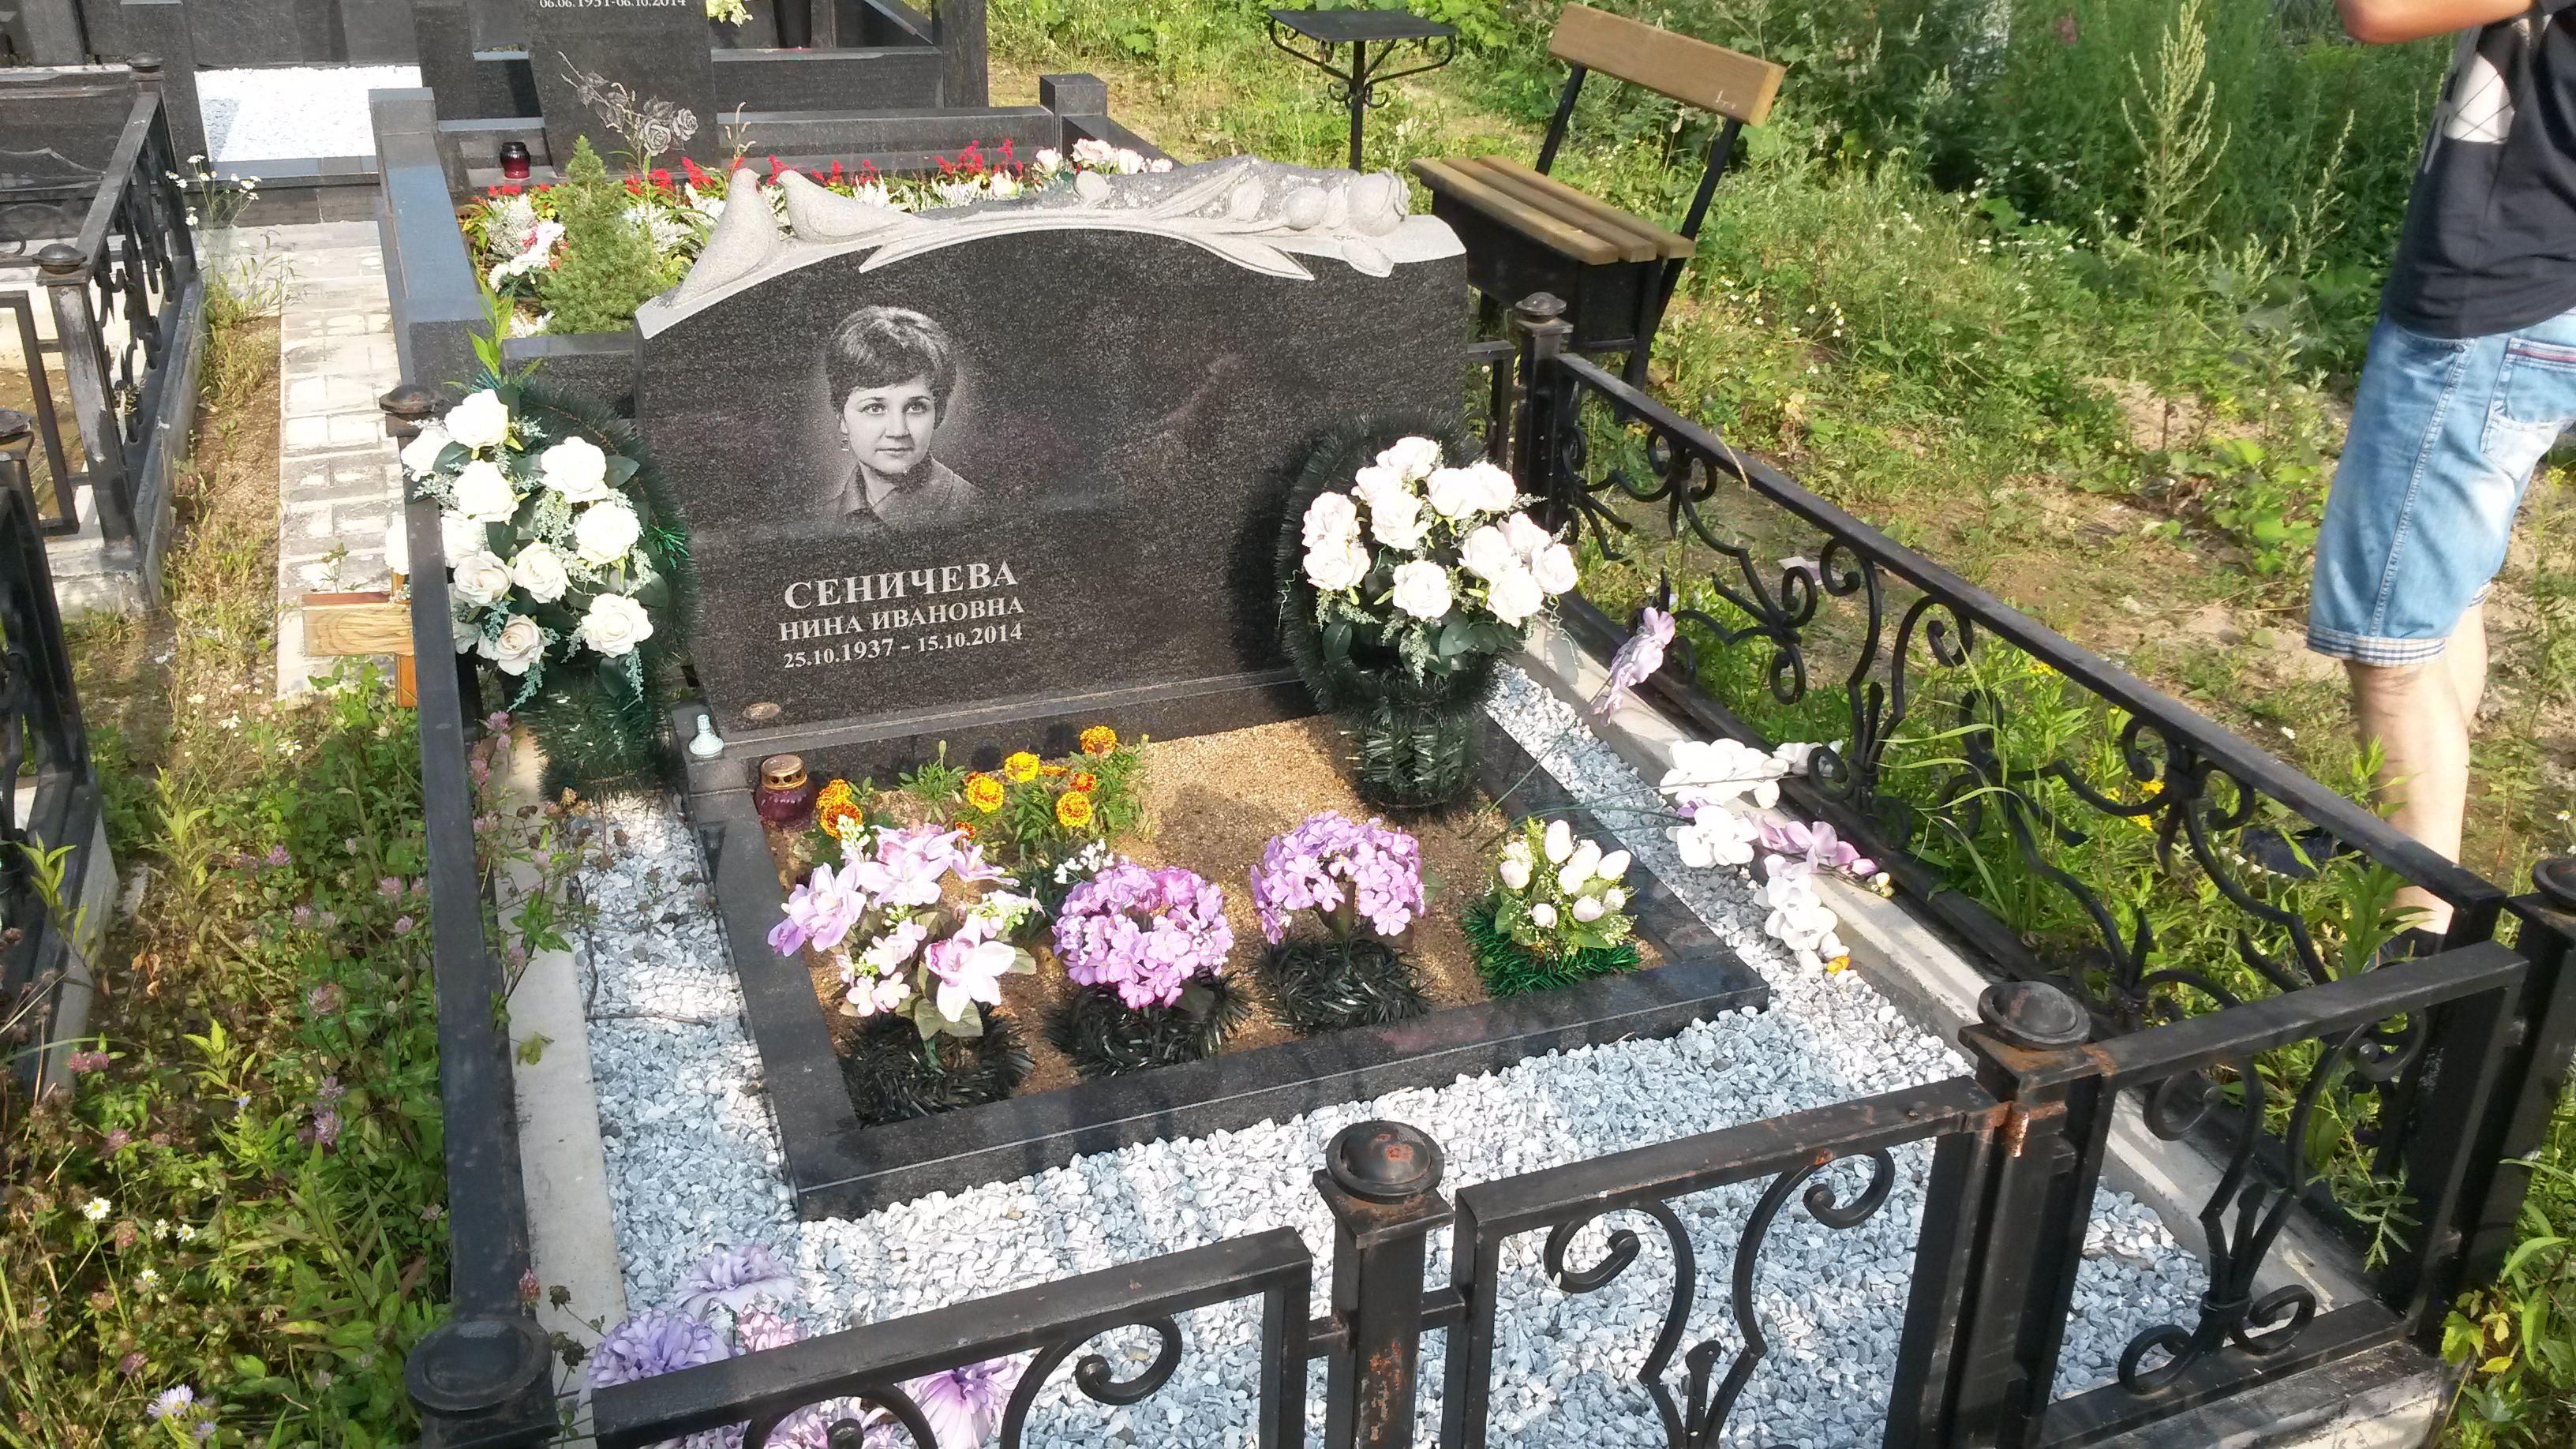 Памятник с фактурной резкой голубей и цветов